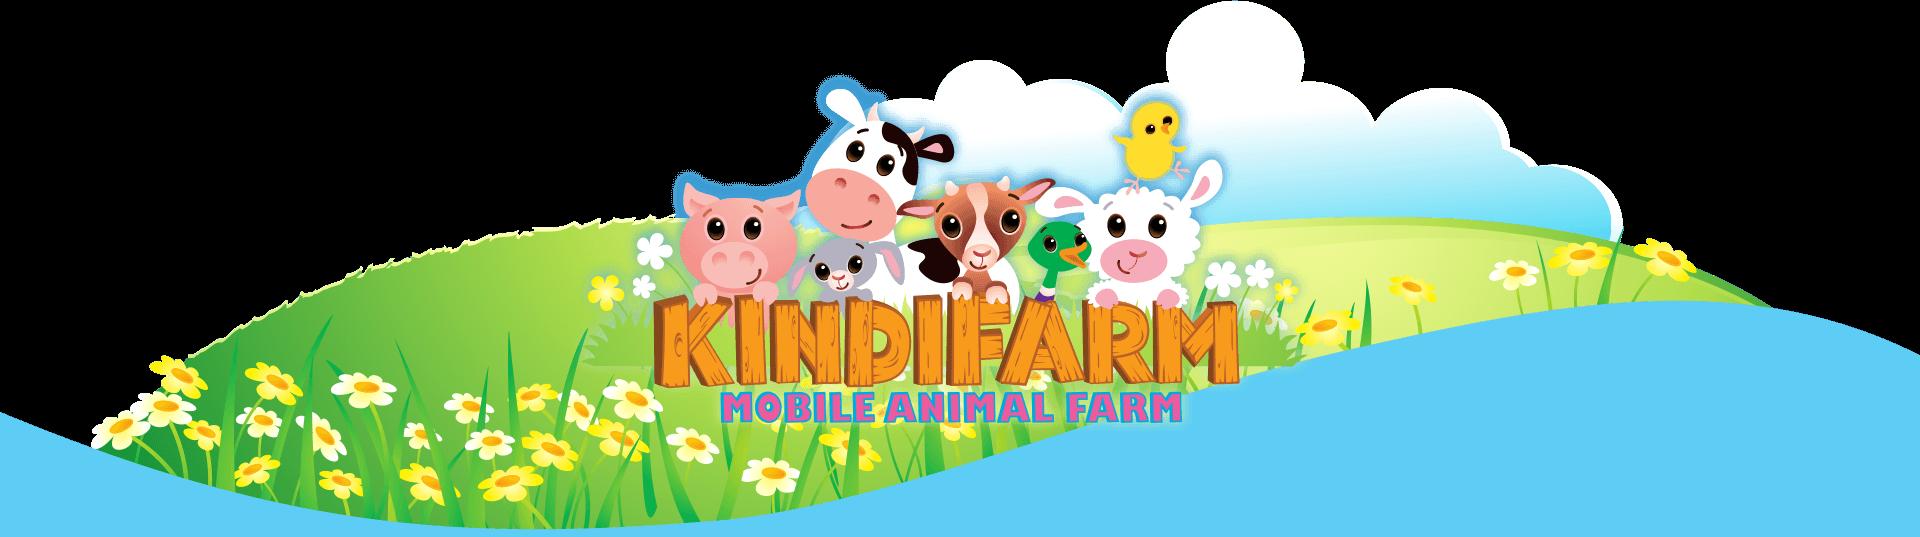 Farm feeding animal